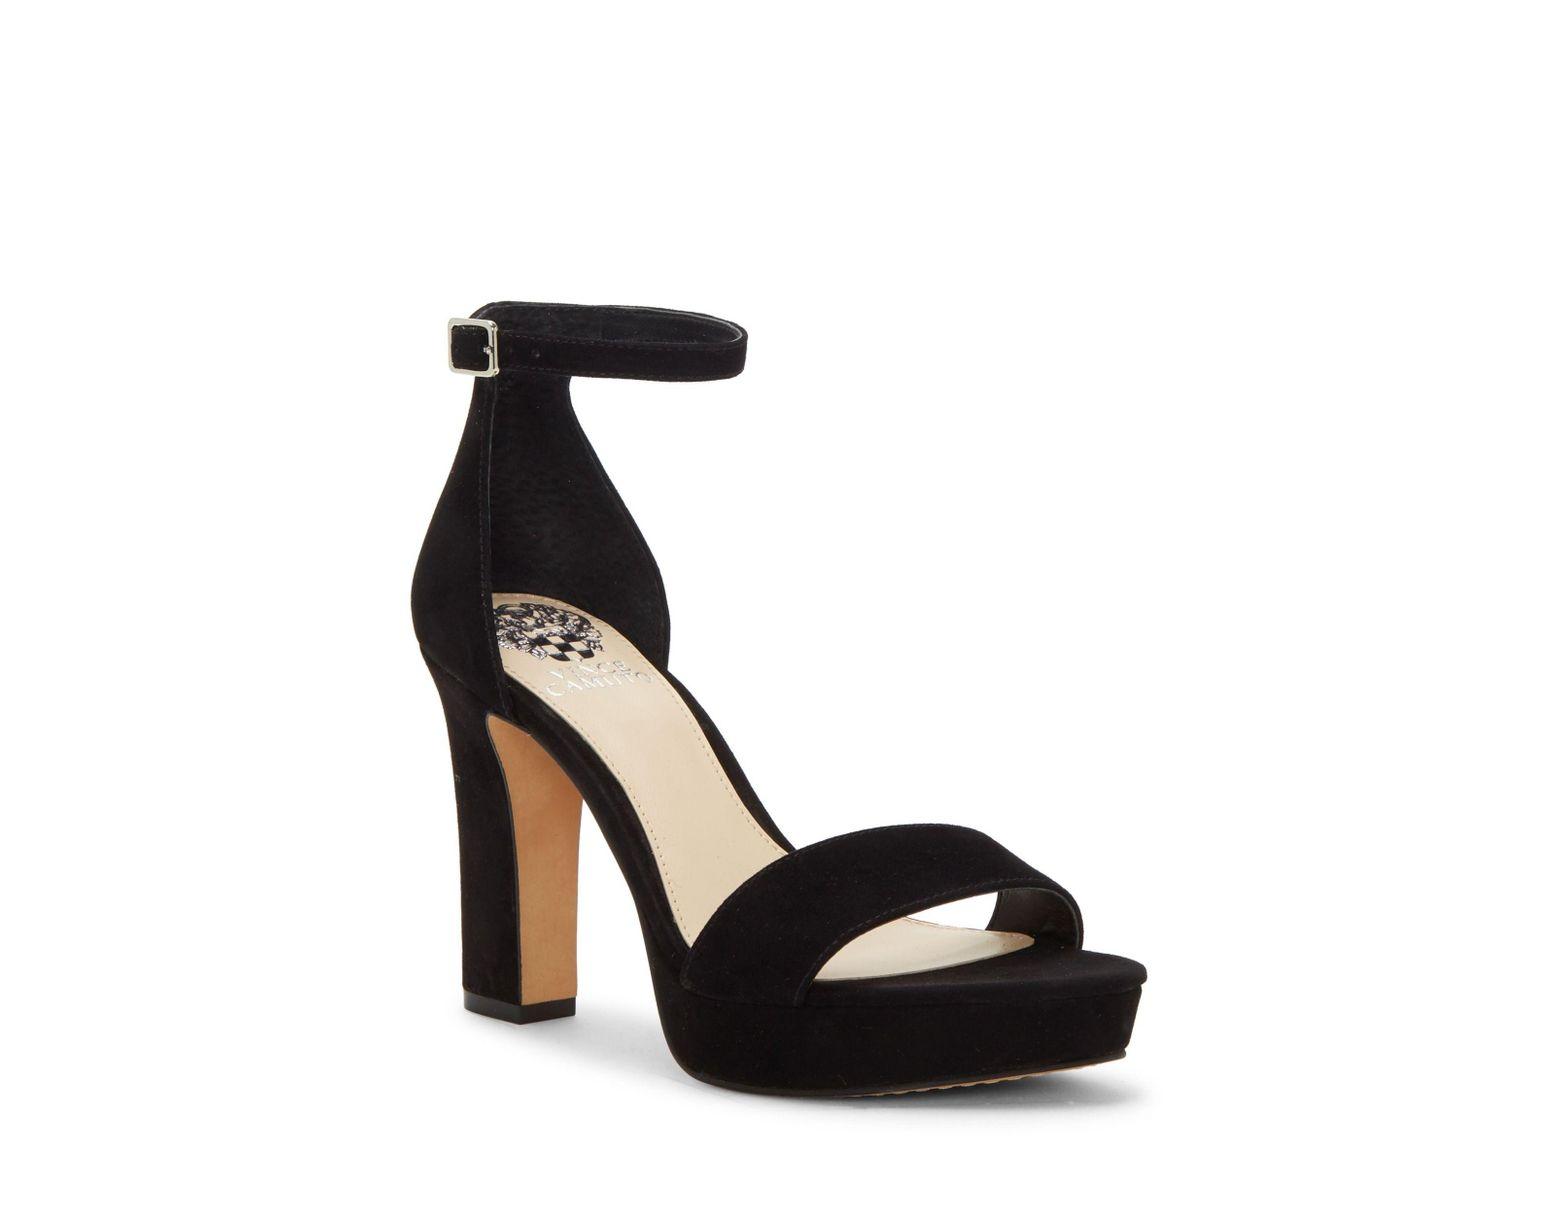 cfb47674376d Vince Camuto Sathina – Platform Sandal in Black - Lyst